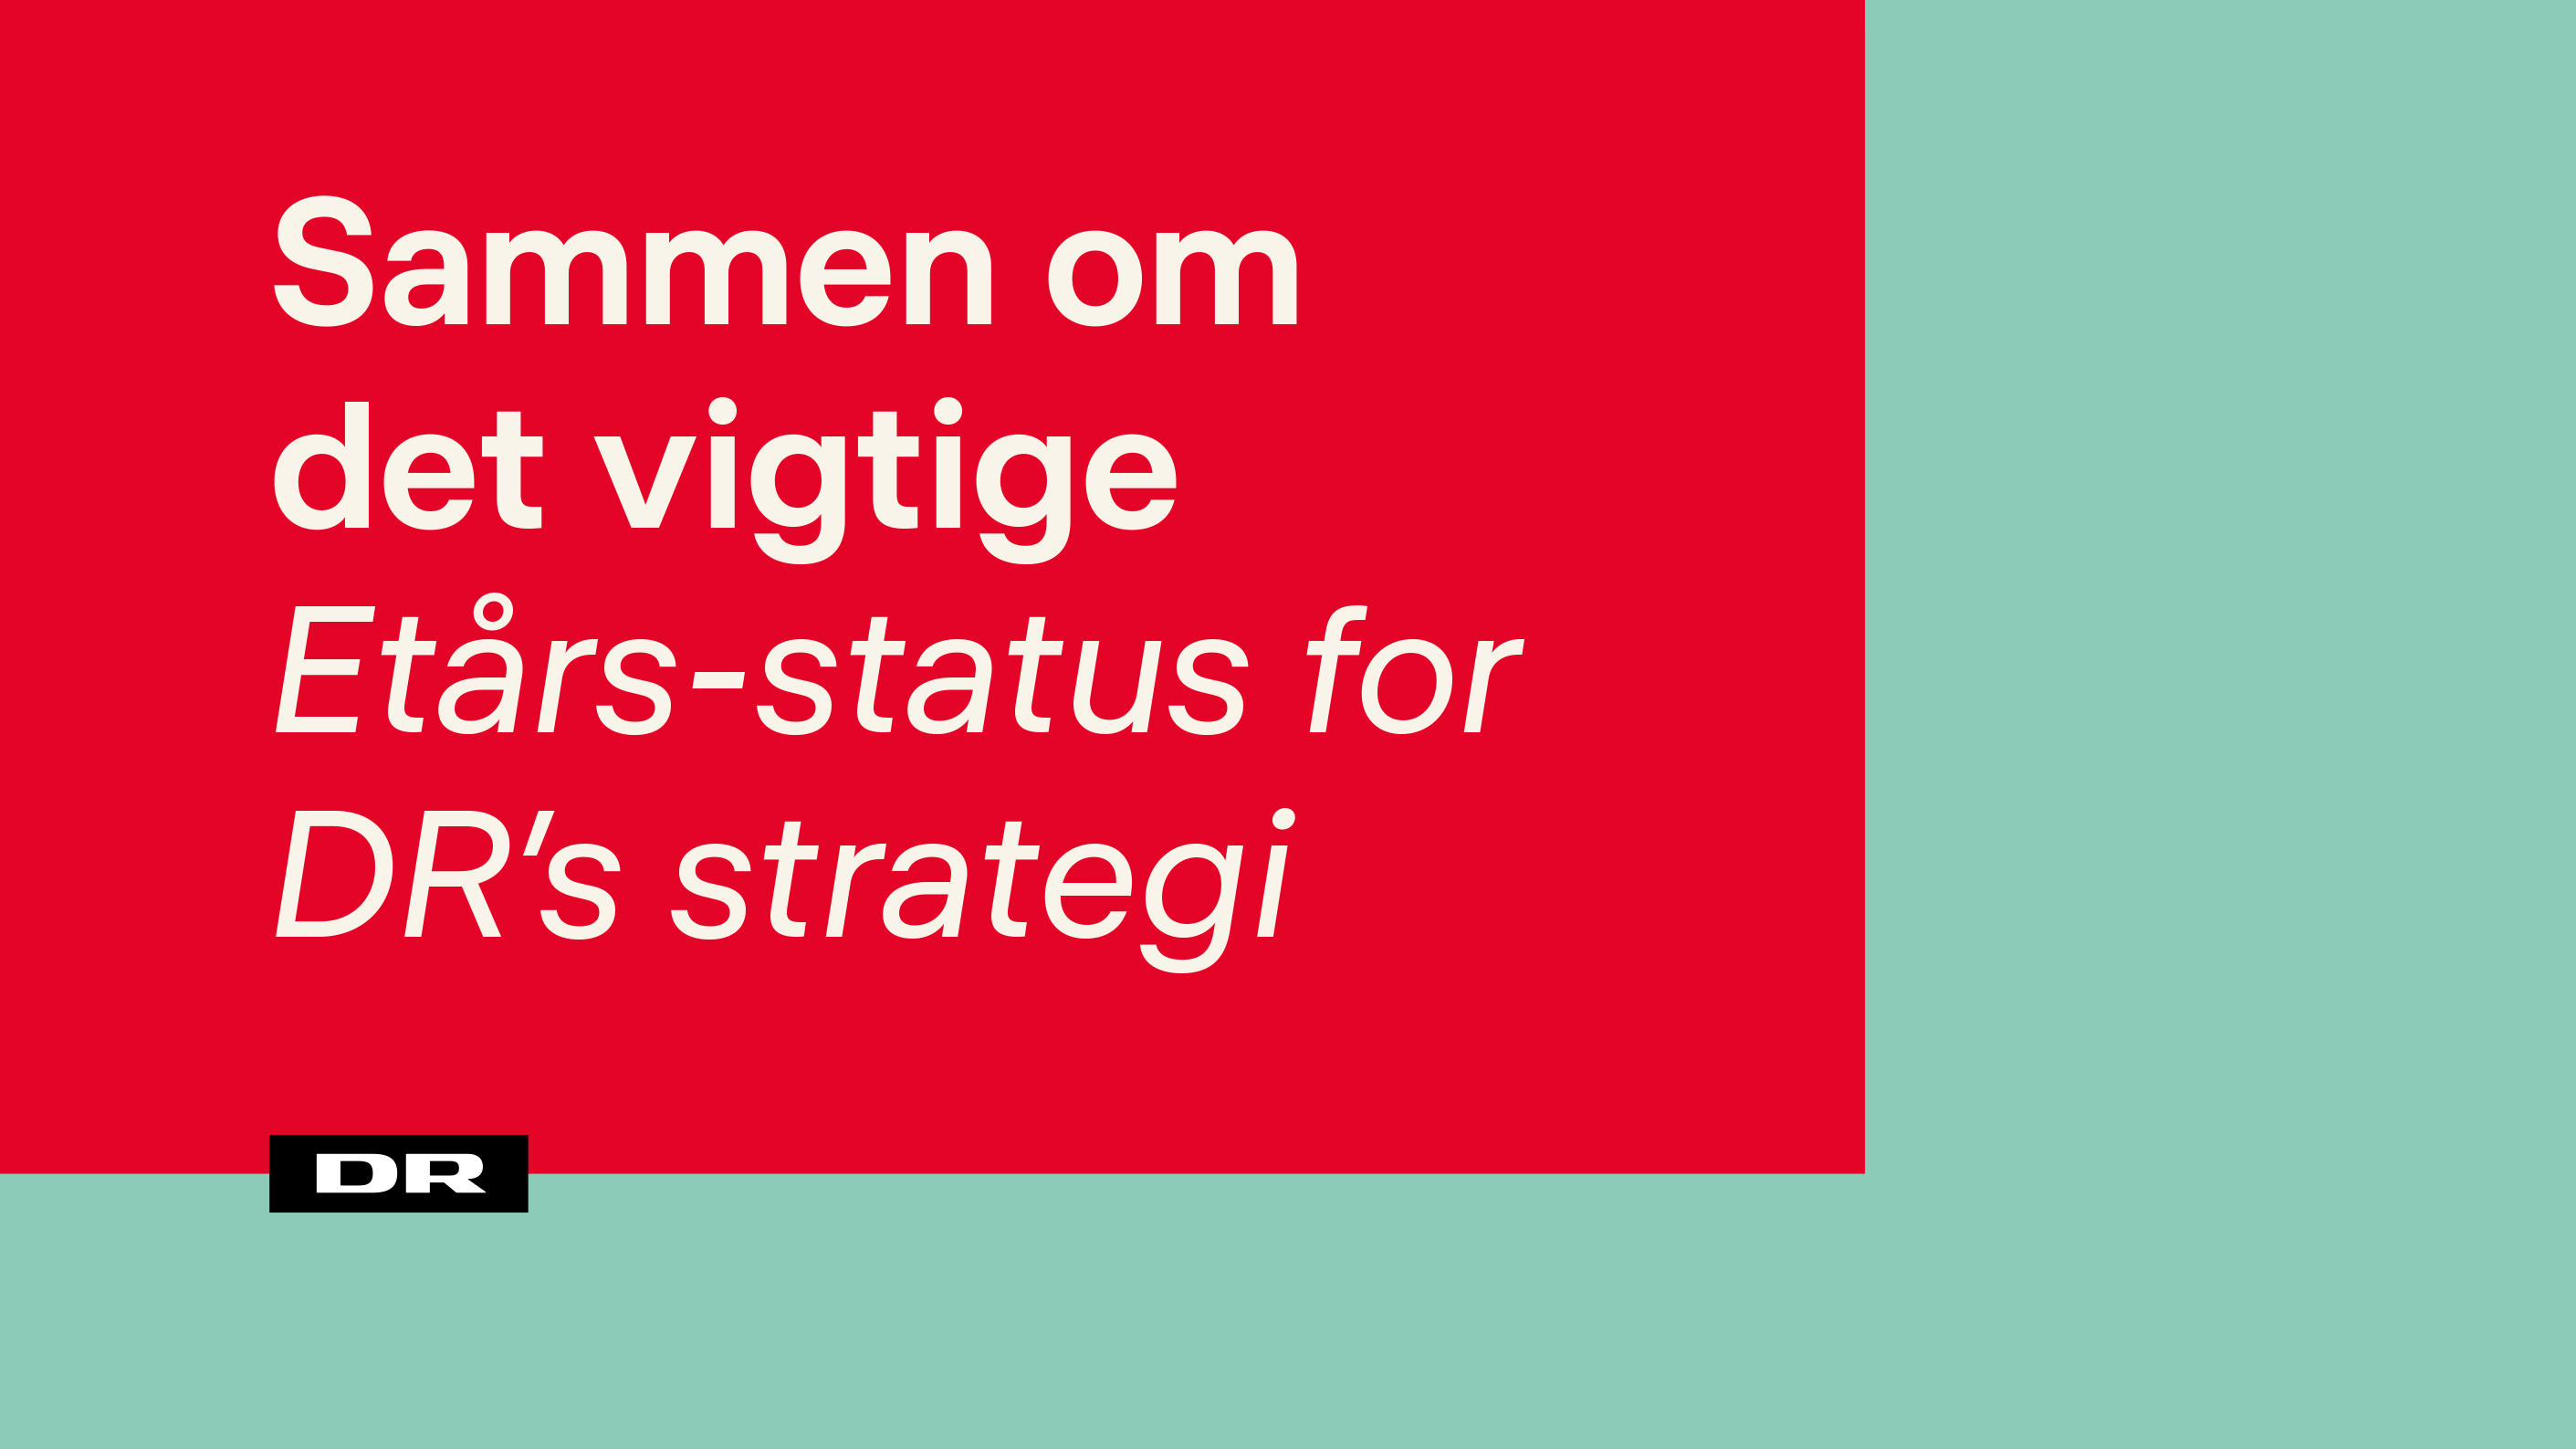 Sammen om det vigtige: Etårs-status for DR's strategi